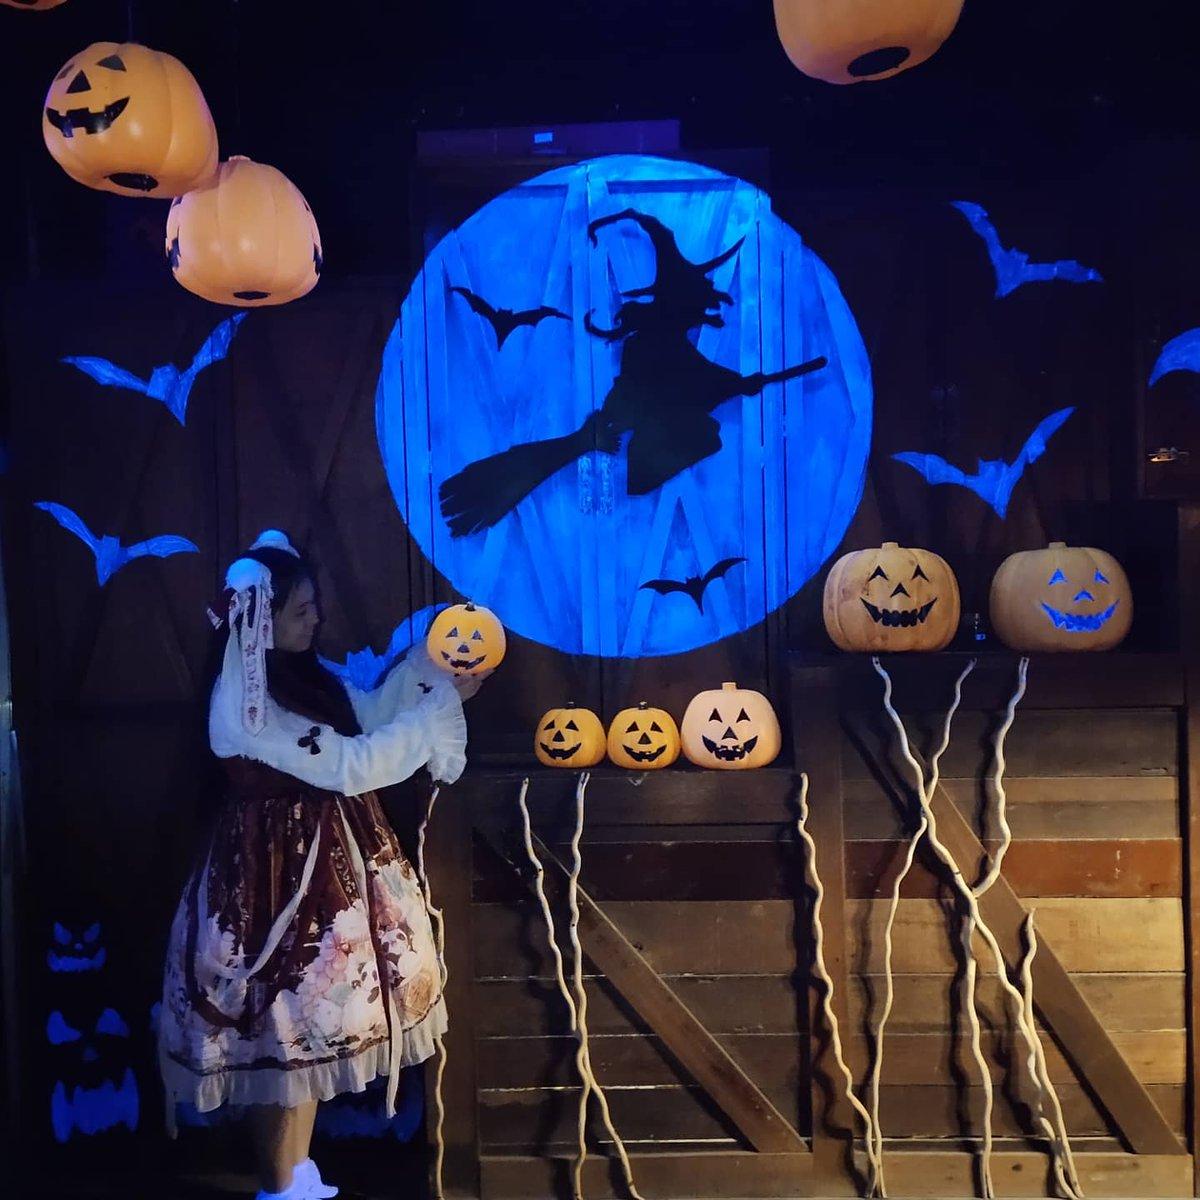 昨晚網絡太差一直上傳失敗...  萬聖節快樂!🎃🎃🎃 Happy Halloween!🎃🎃🎃  還是一樣節日當天要工作...😭 希望疫情趕快結束...然後健健康康和朋友們一起去玩...  丟回以前的照片...  #Halloween #Halloween2020 https://t.co/COBANM6FMH